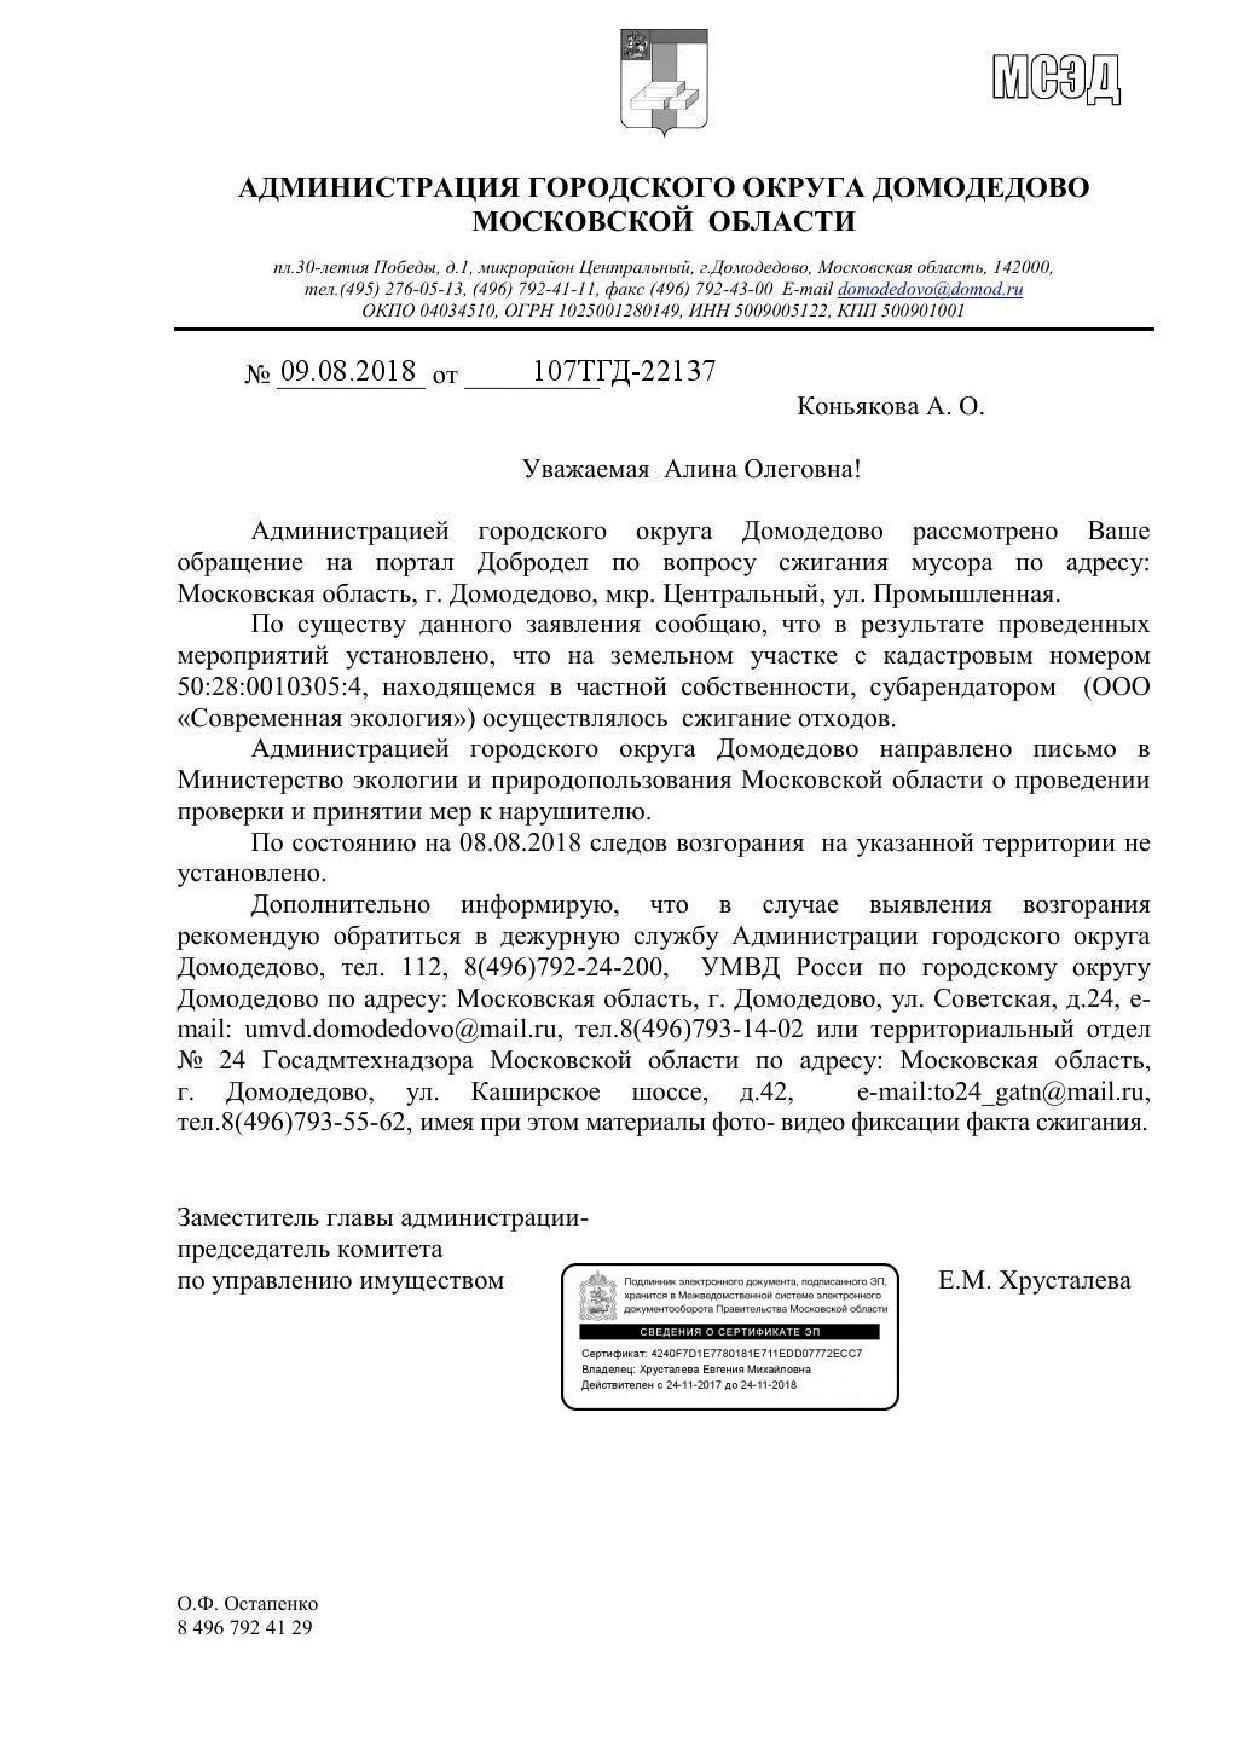 Ответ администрации г.о. Домодедово по сжиганию мусора